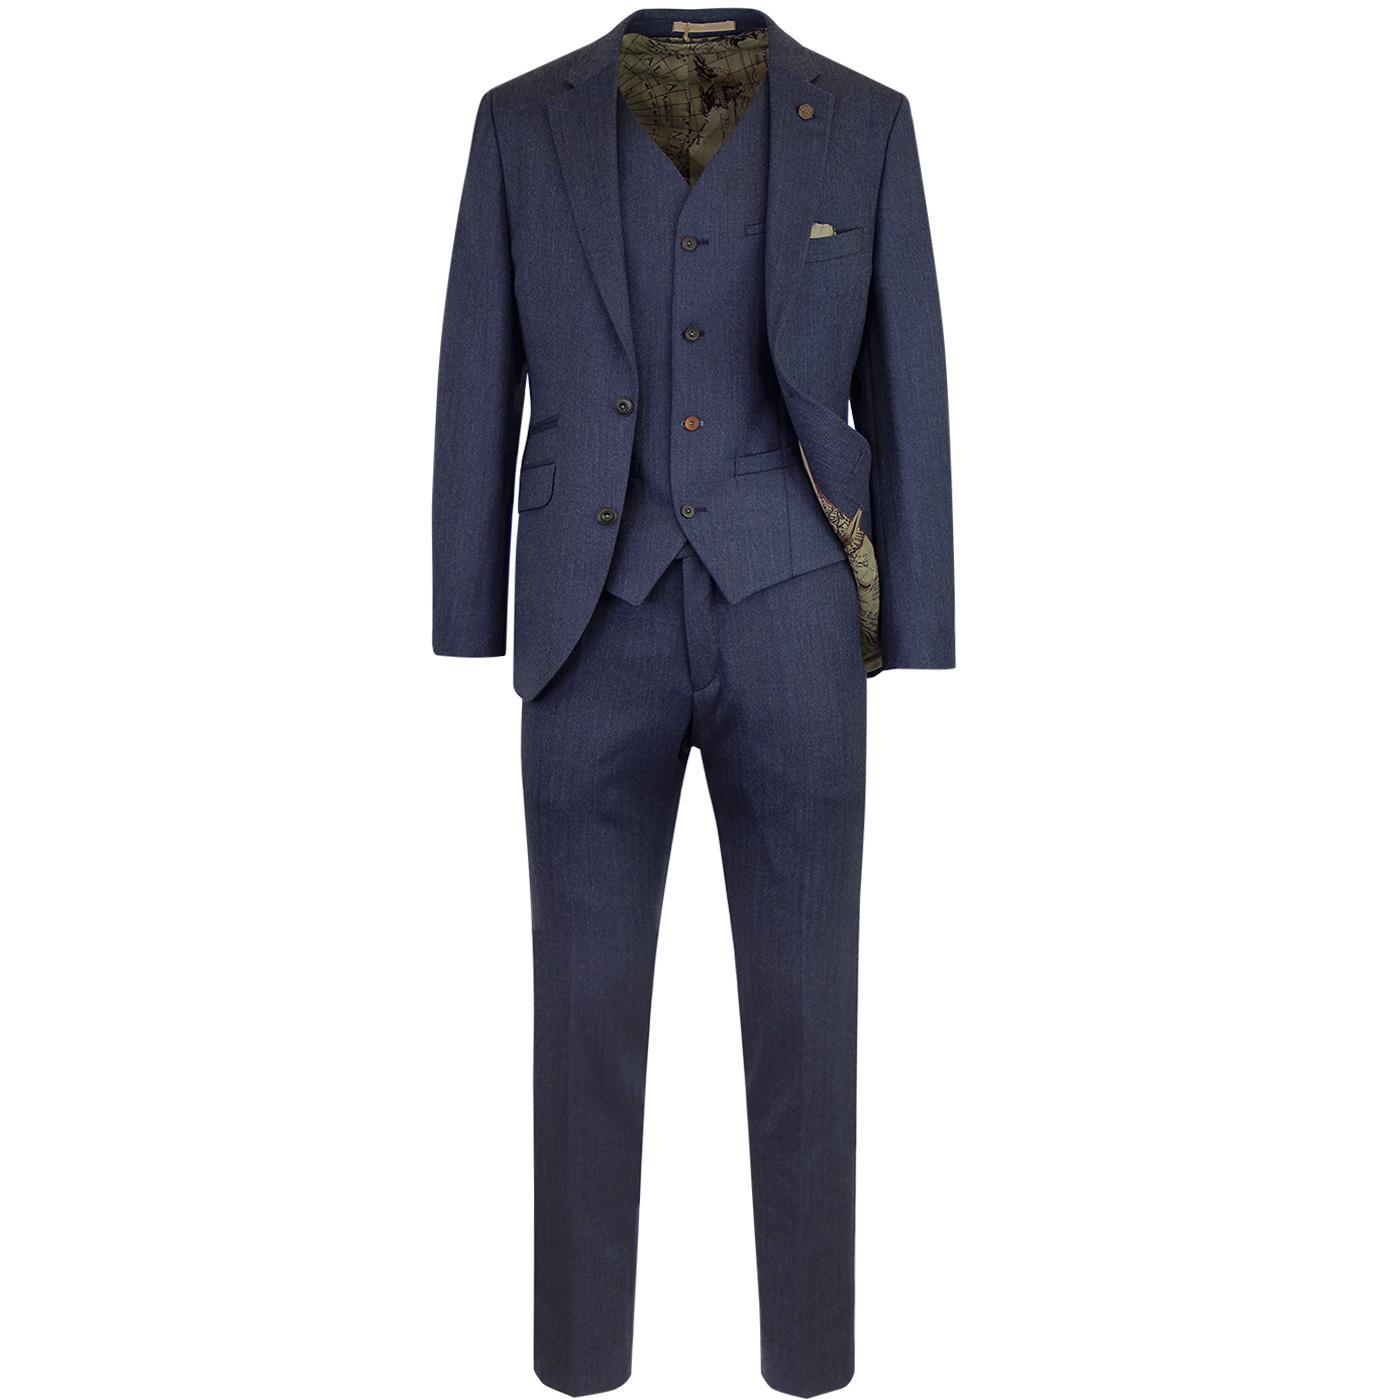 GIBSON LONDON Men's Mod Herringbone Suit in Blue